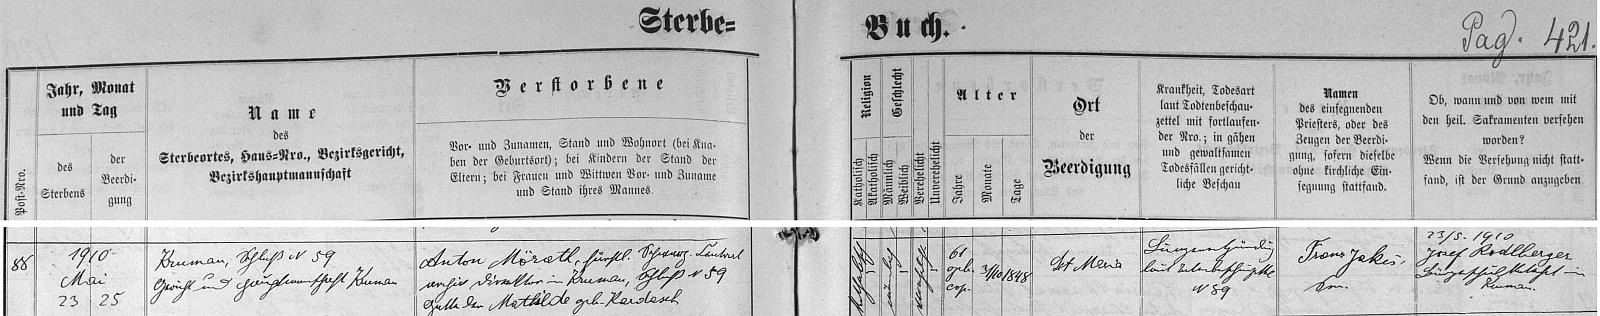 """Podle záznamu v českokrumlovské """"Knize zemřelých"""" byl pochován na městském hřbitově Panny Marie 25. května 1910 poté, co o dva dříve na zámku knížat schwarzenberských skonal"""